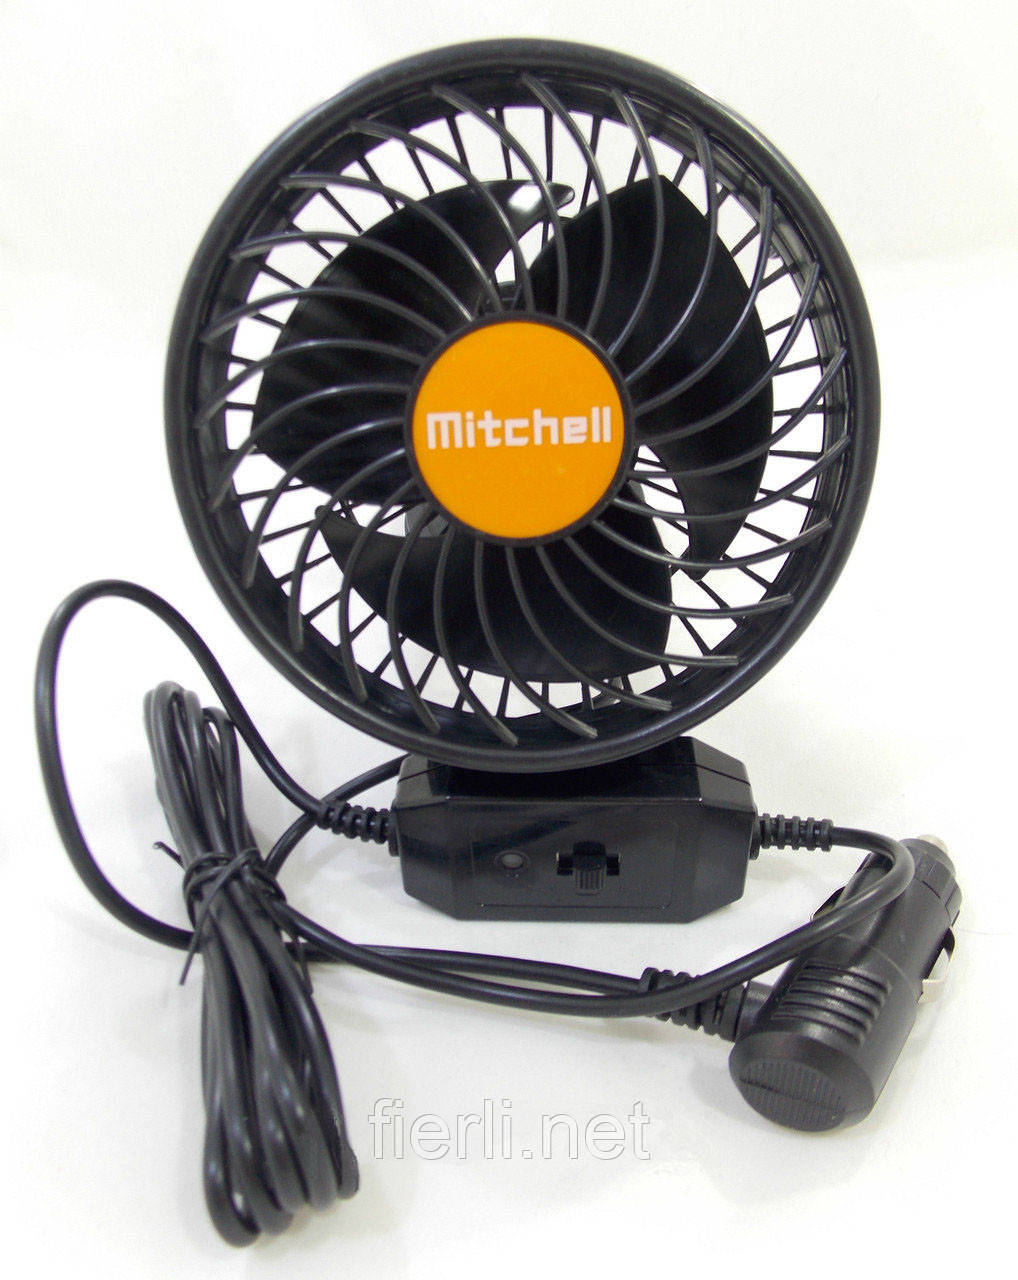 Вентилятор автомобильный 24 В Mitchell HX-T702 на присоске